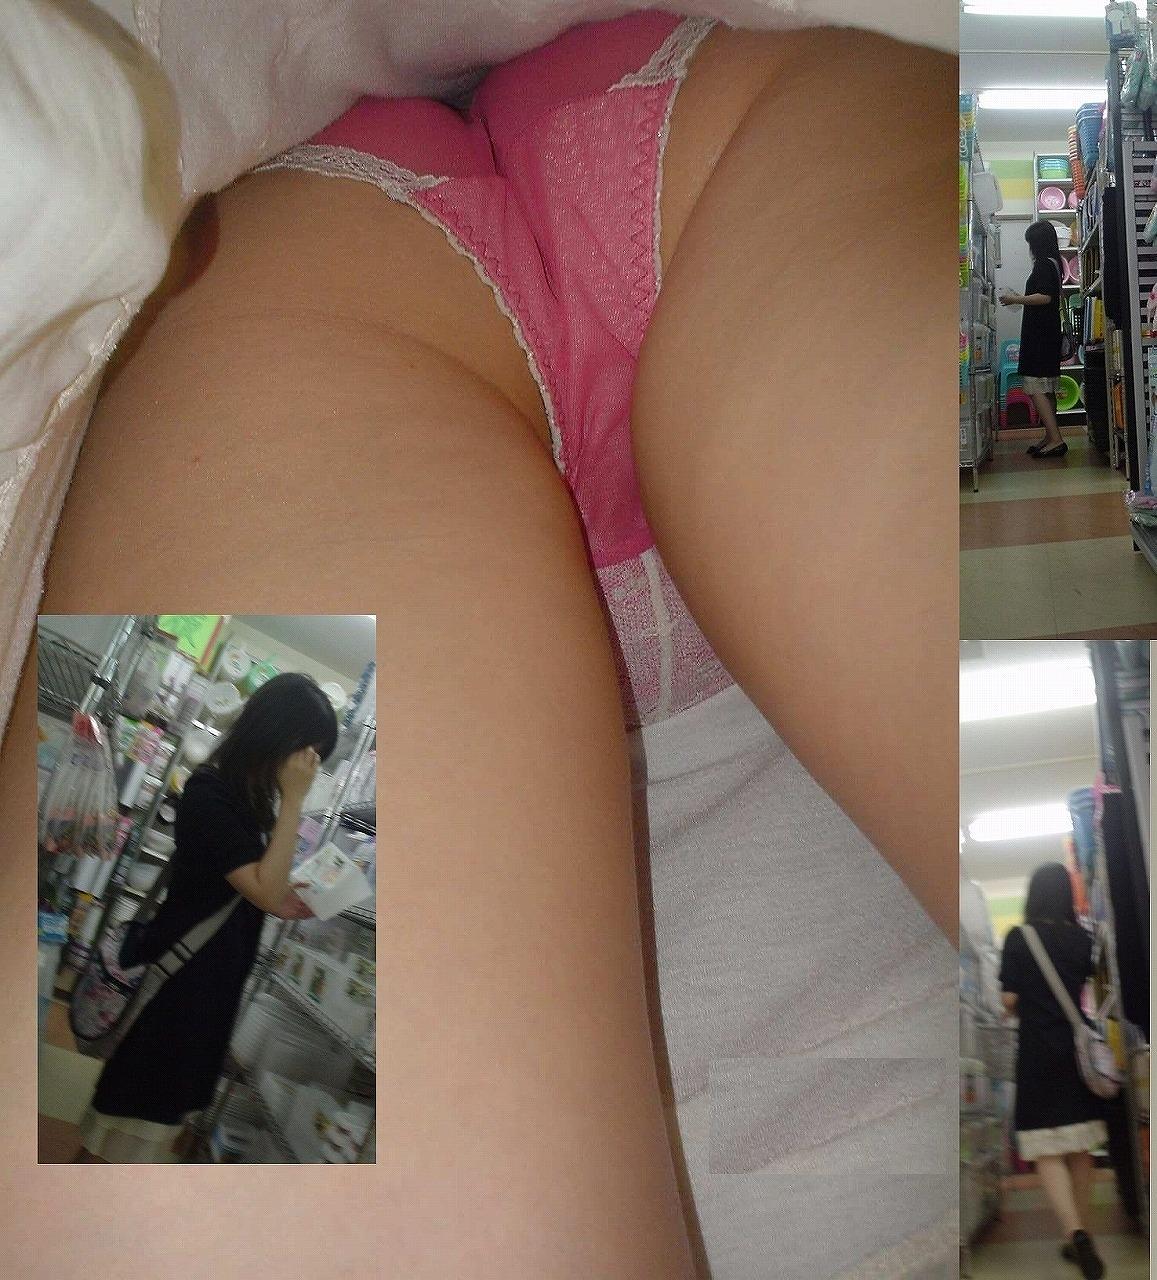 【パンチラエロ画像】夢が詰まったスカートの中に潜入!逆さ撮りパンチラ(゚A゚;)